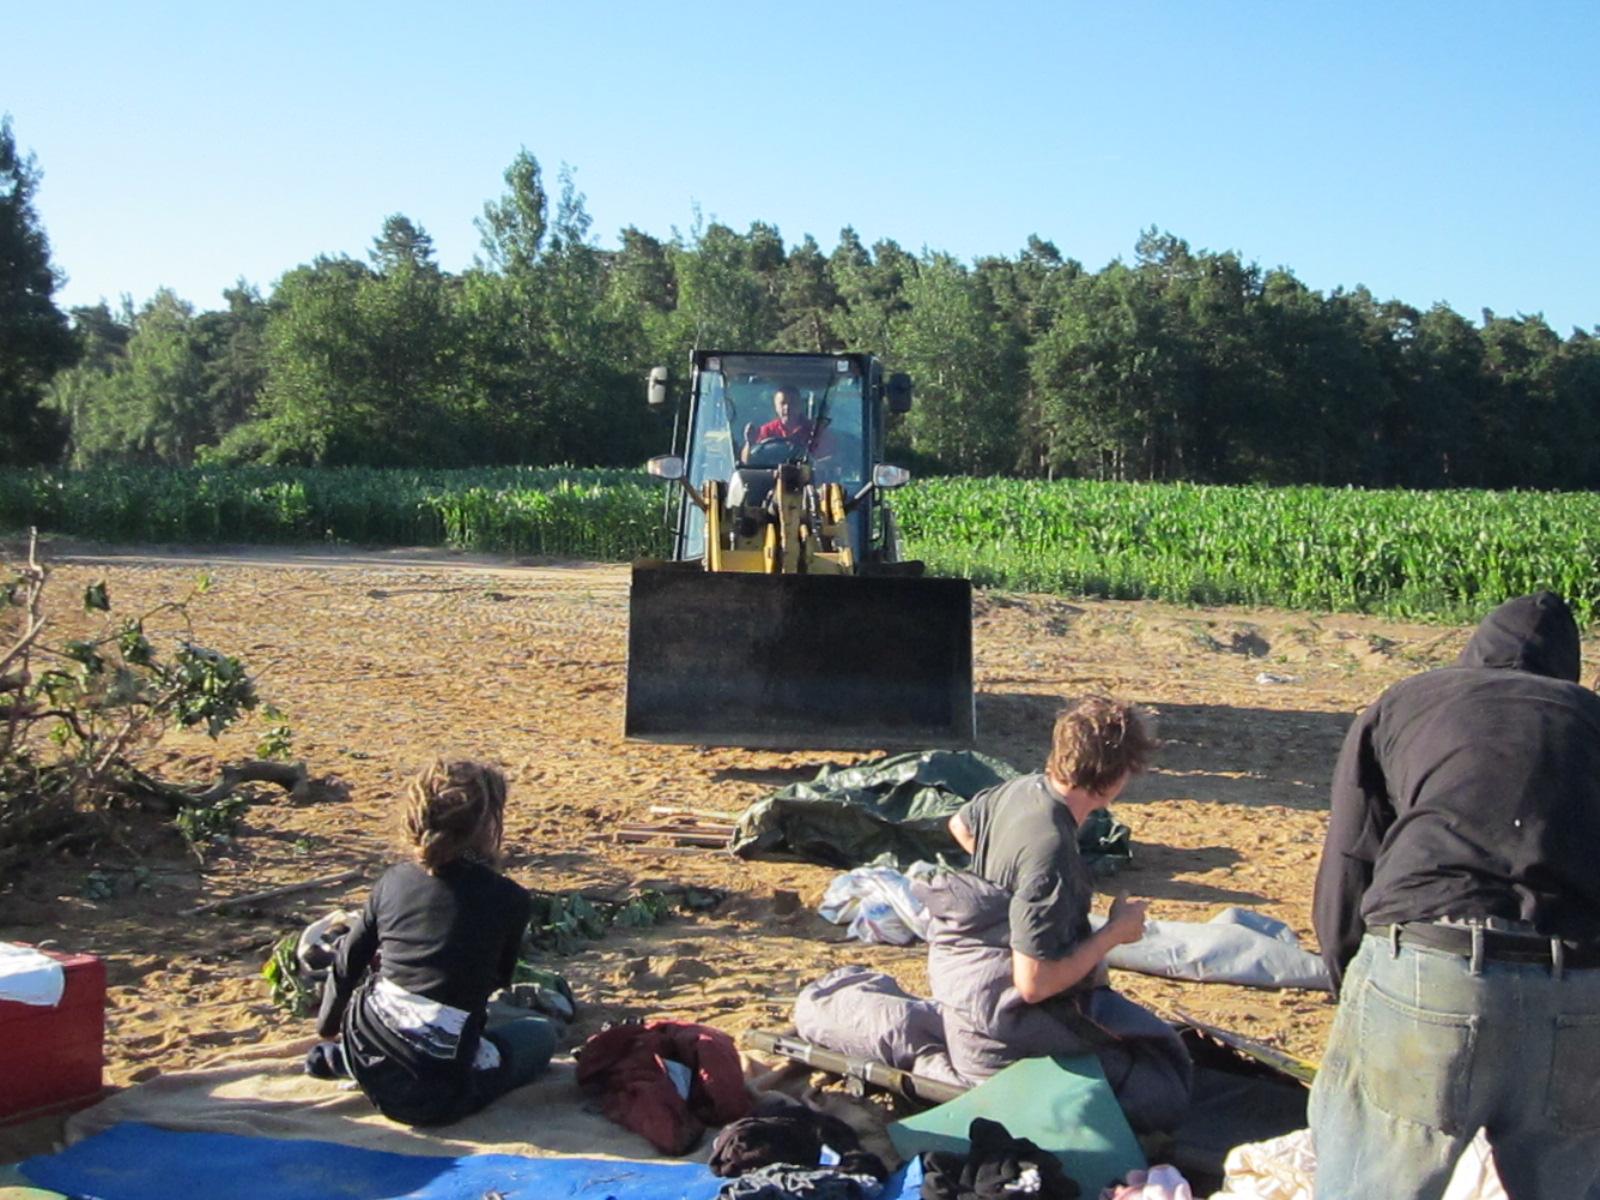 Provokation am Montag Nachmittag: Ein Mitarbeiter von Landwirt Grewe fährt bedrohlich Nahe auf sitzende Besetzer_innen zu